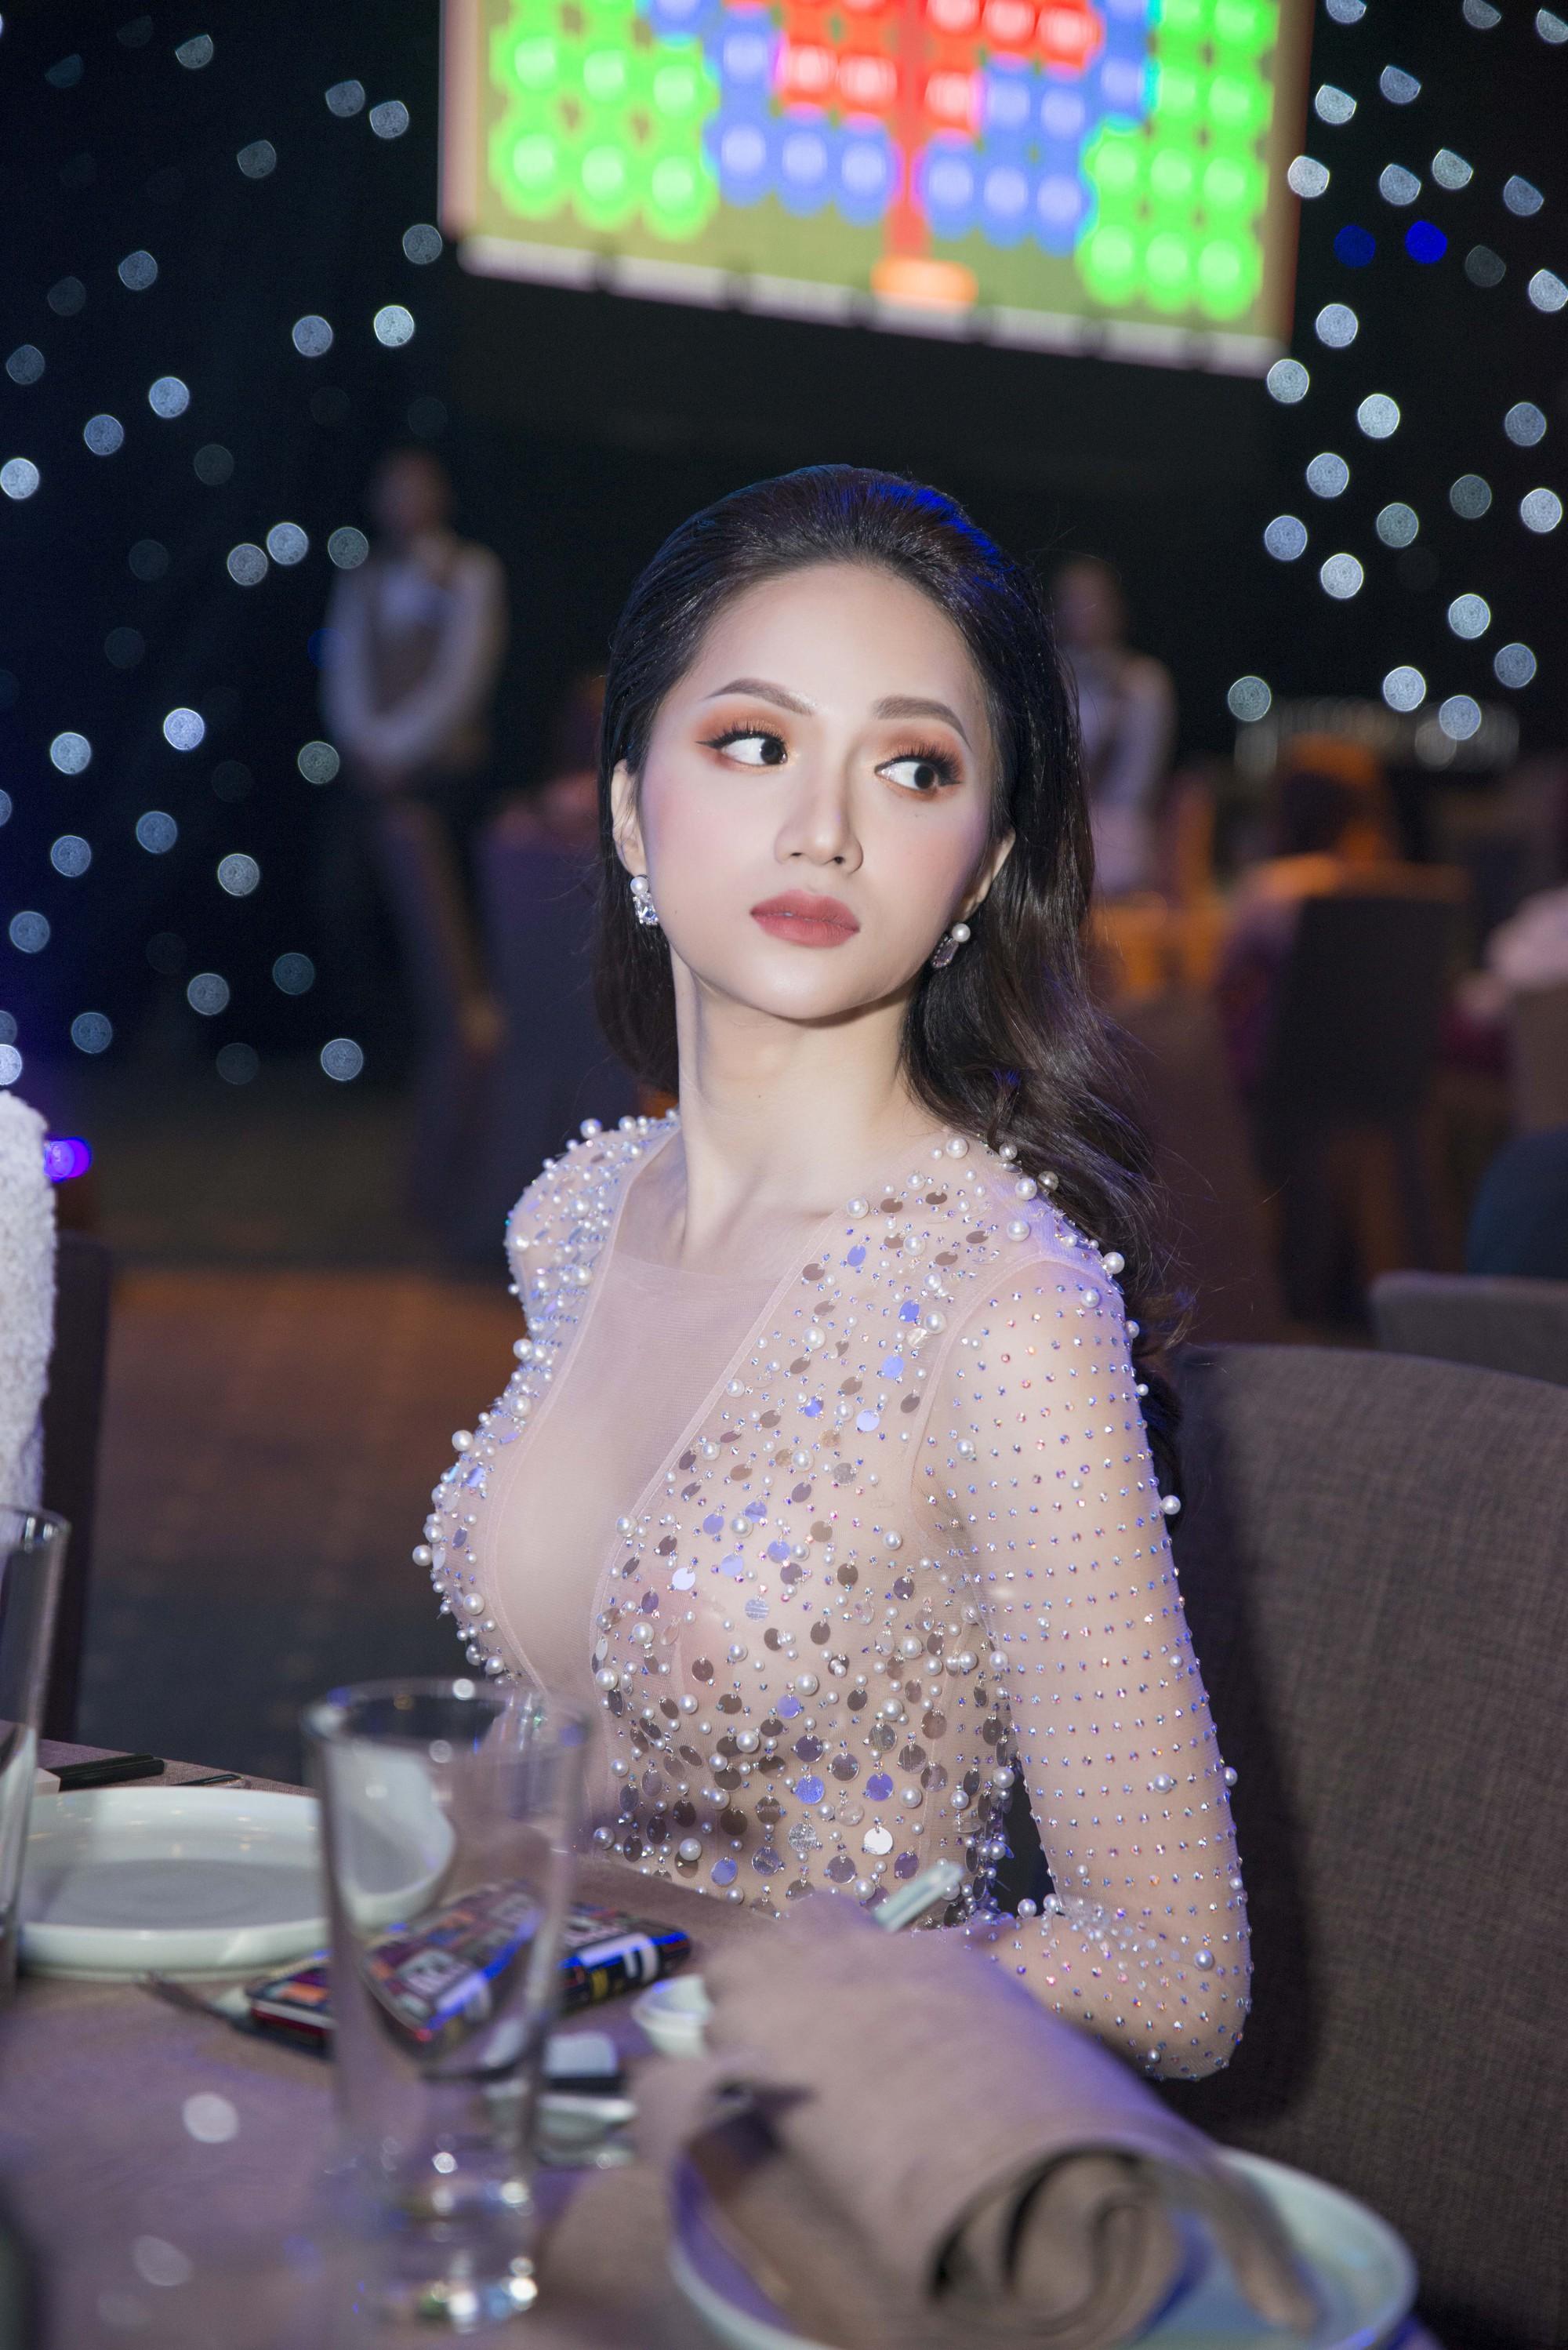 Hương Giang quyến rũ với váy xuyên thấu bó sát, Lan Khuê diện váy trắng tinh khôi như cô dâu tại sự kiện - Ảnh 5.